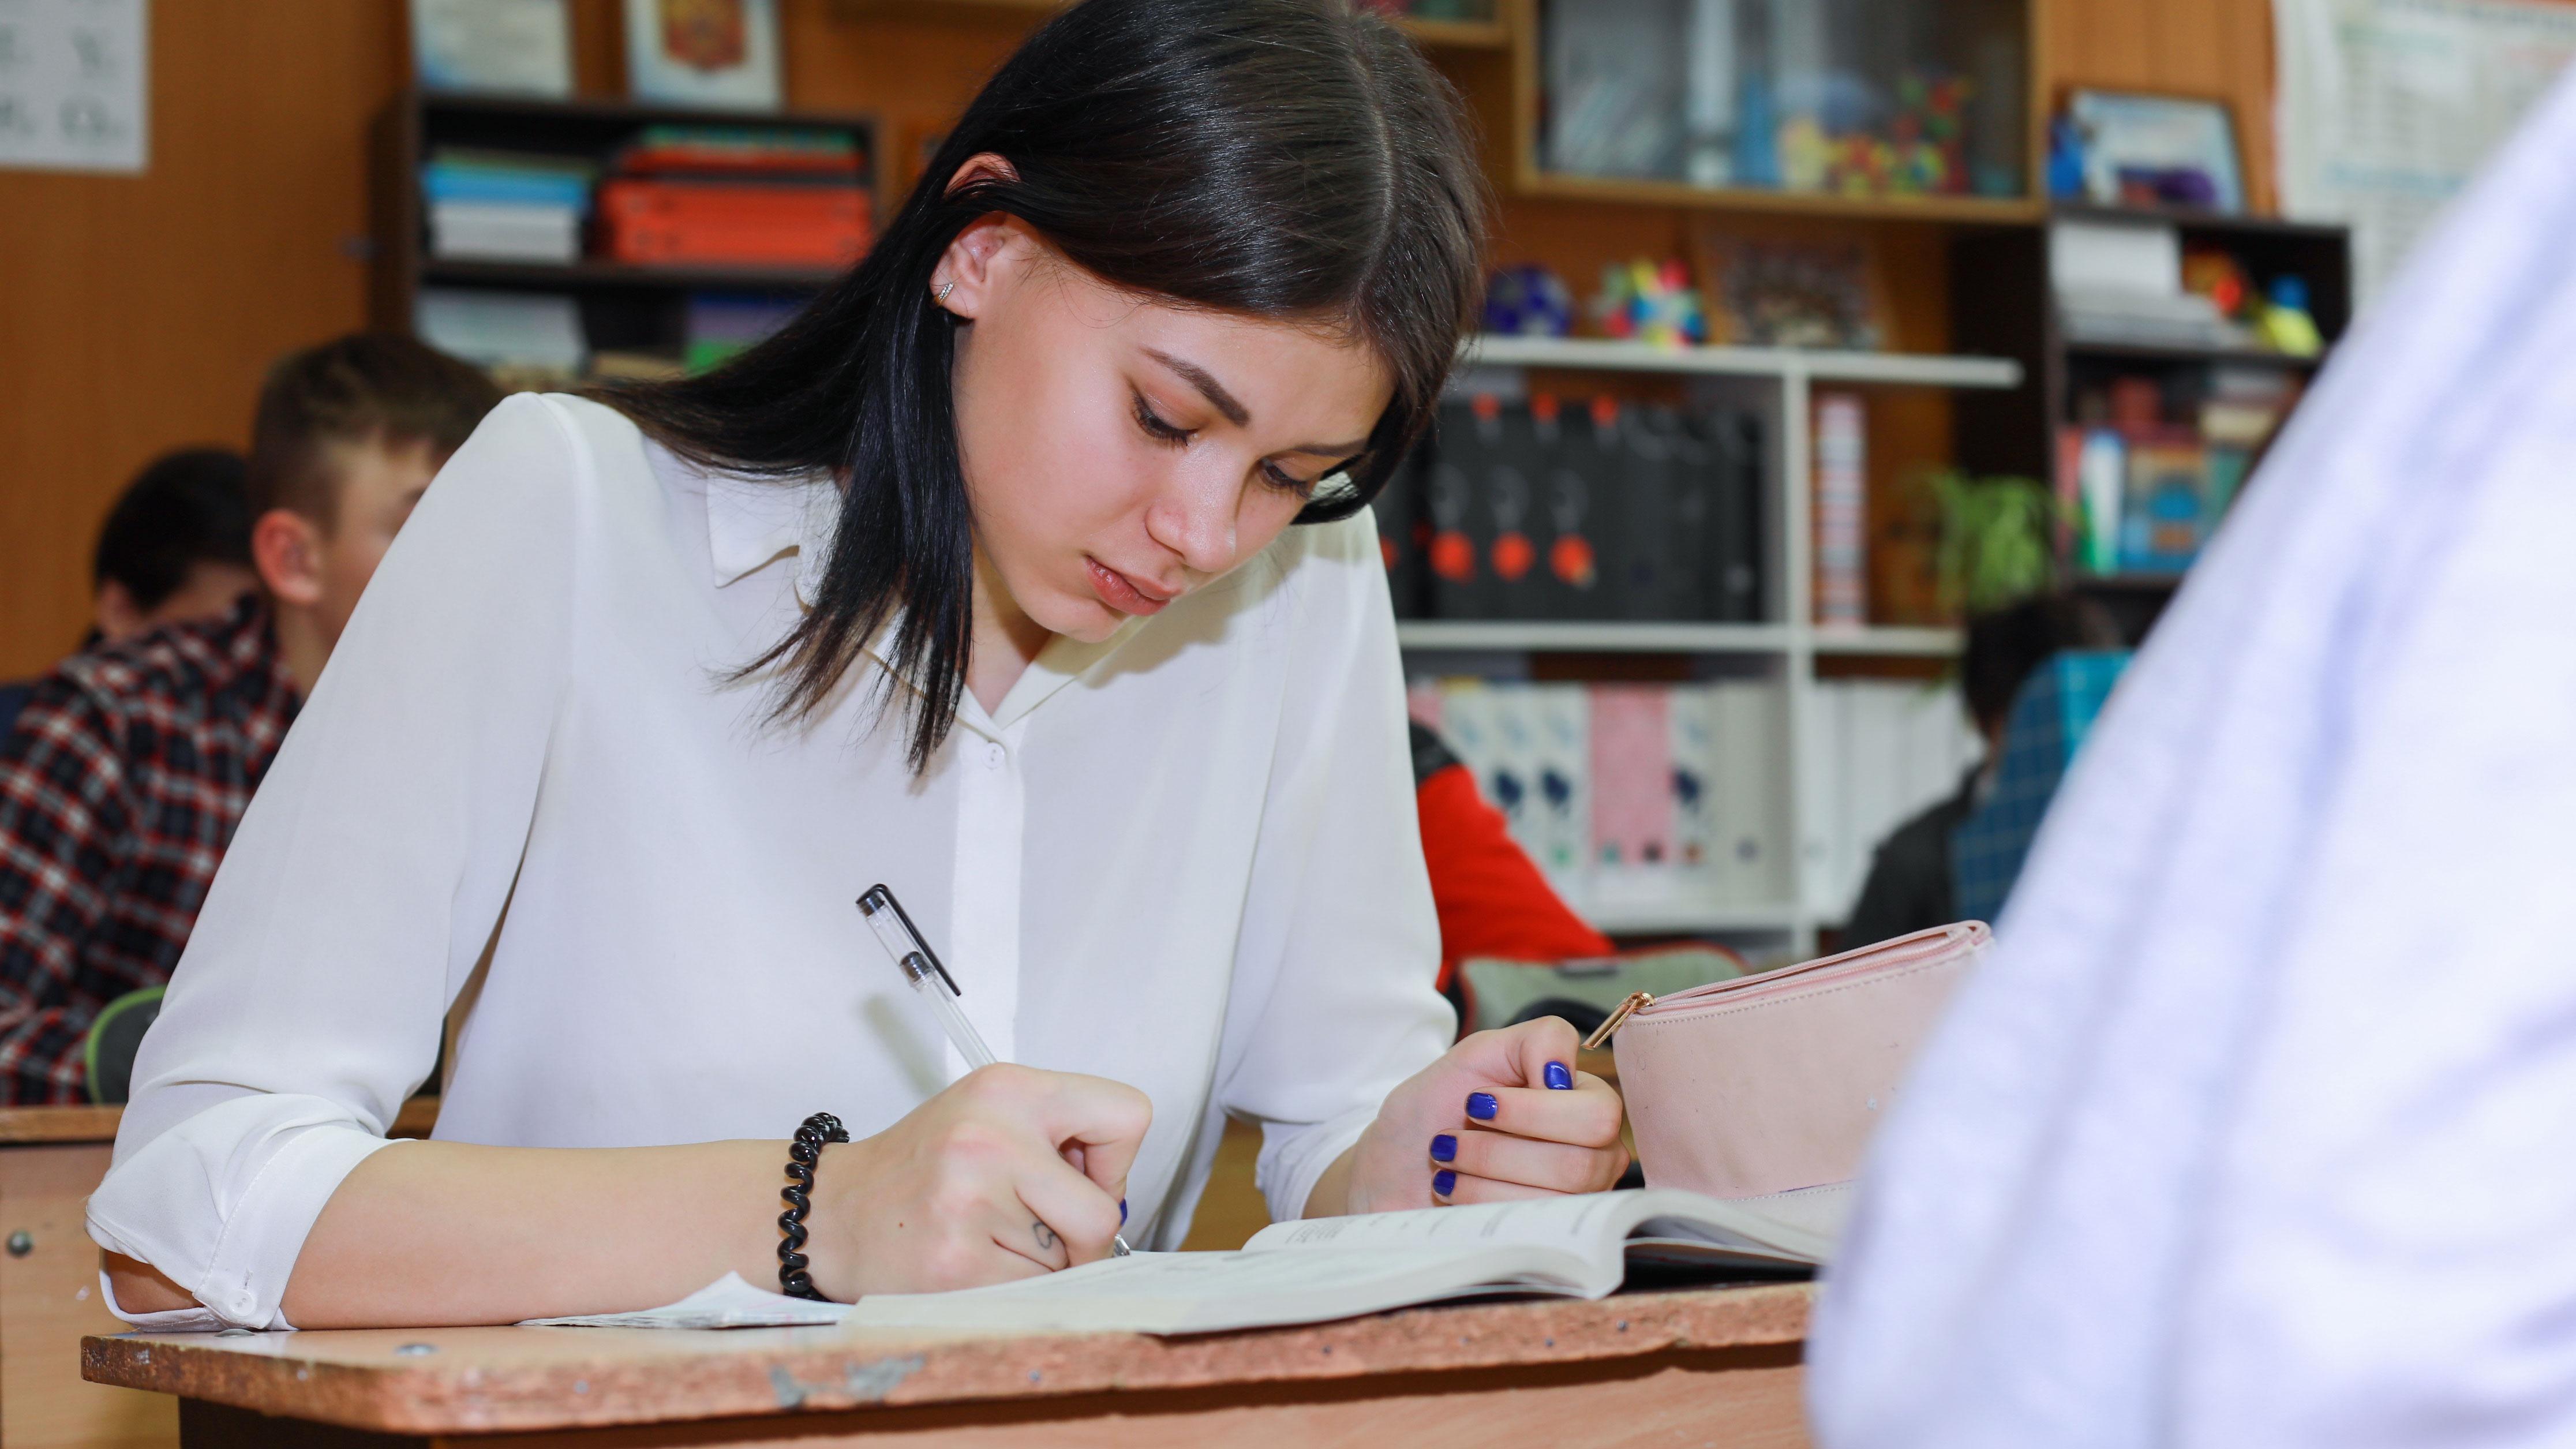 Психолог дала советы школьникам, как справиться с волнением перед сдачей ЕГЭ